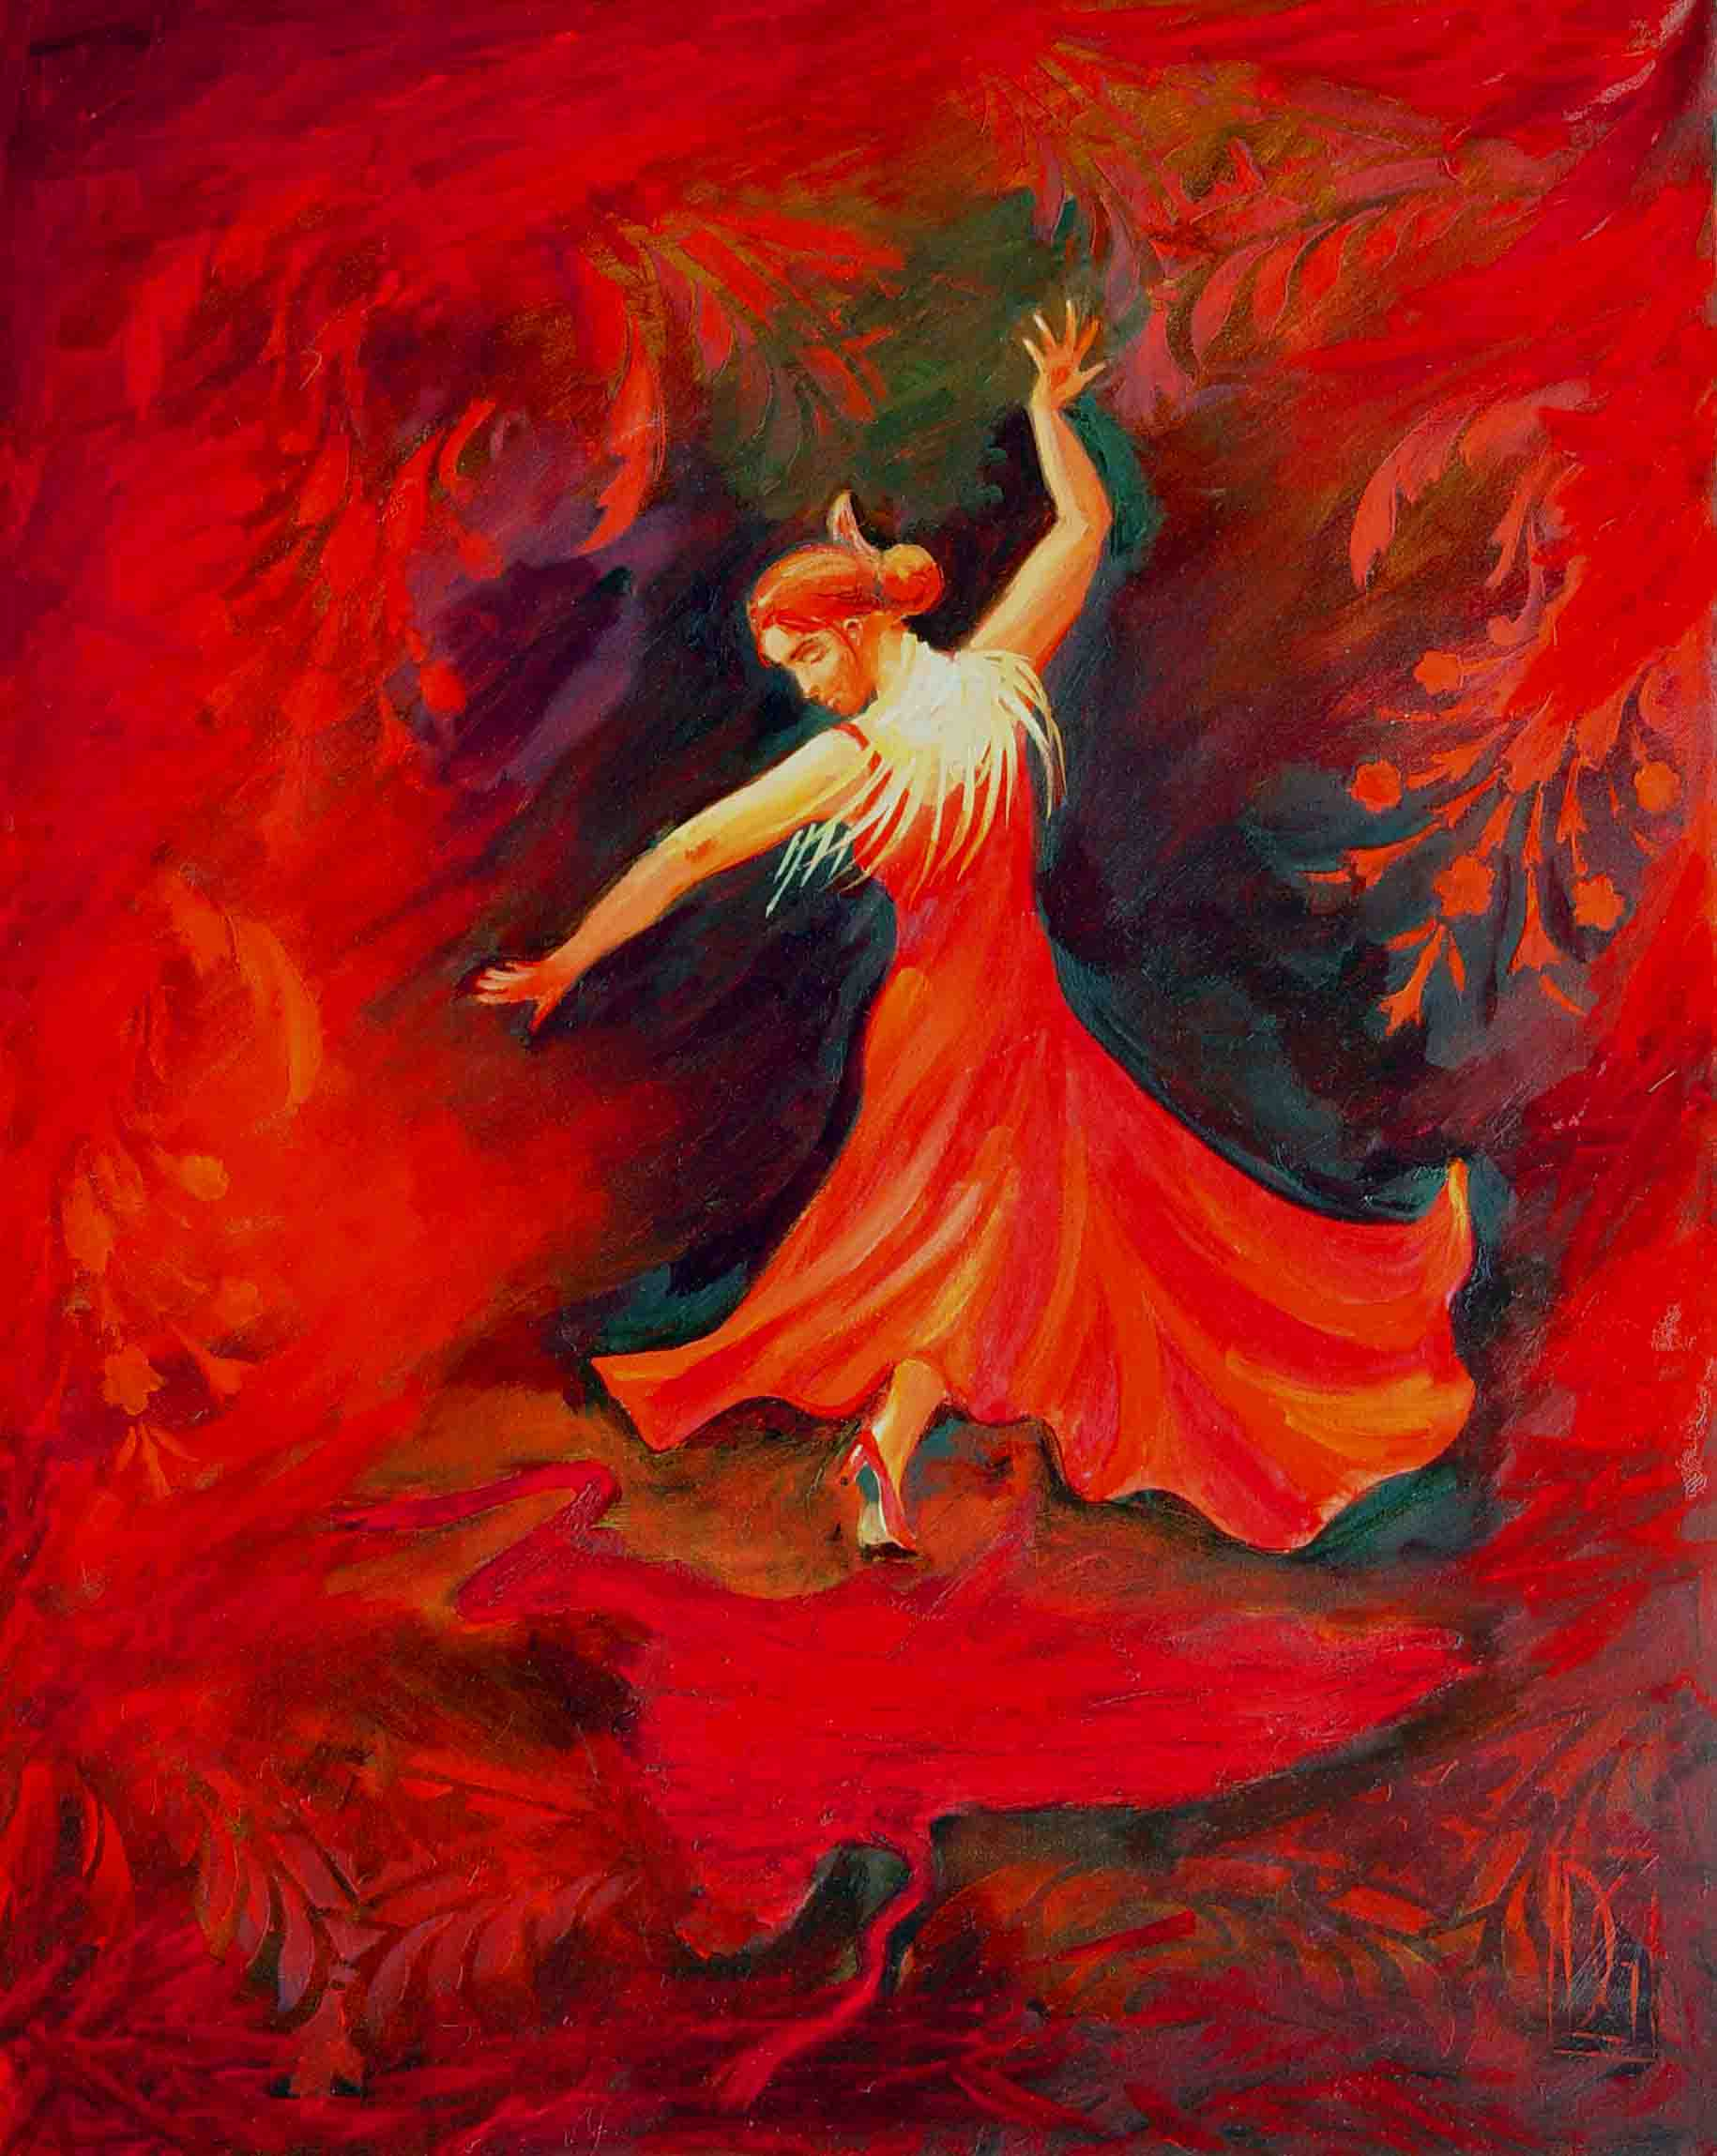 l genevieve davis m f a dancers